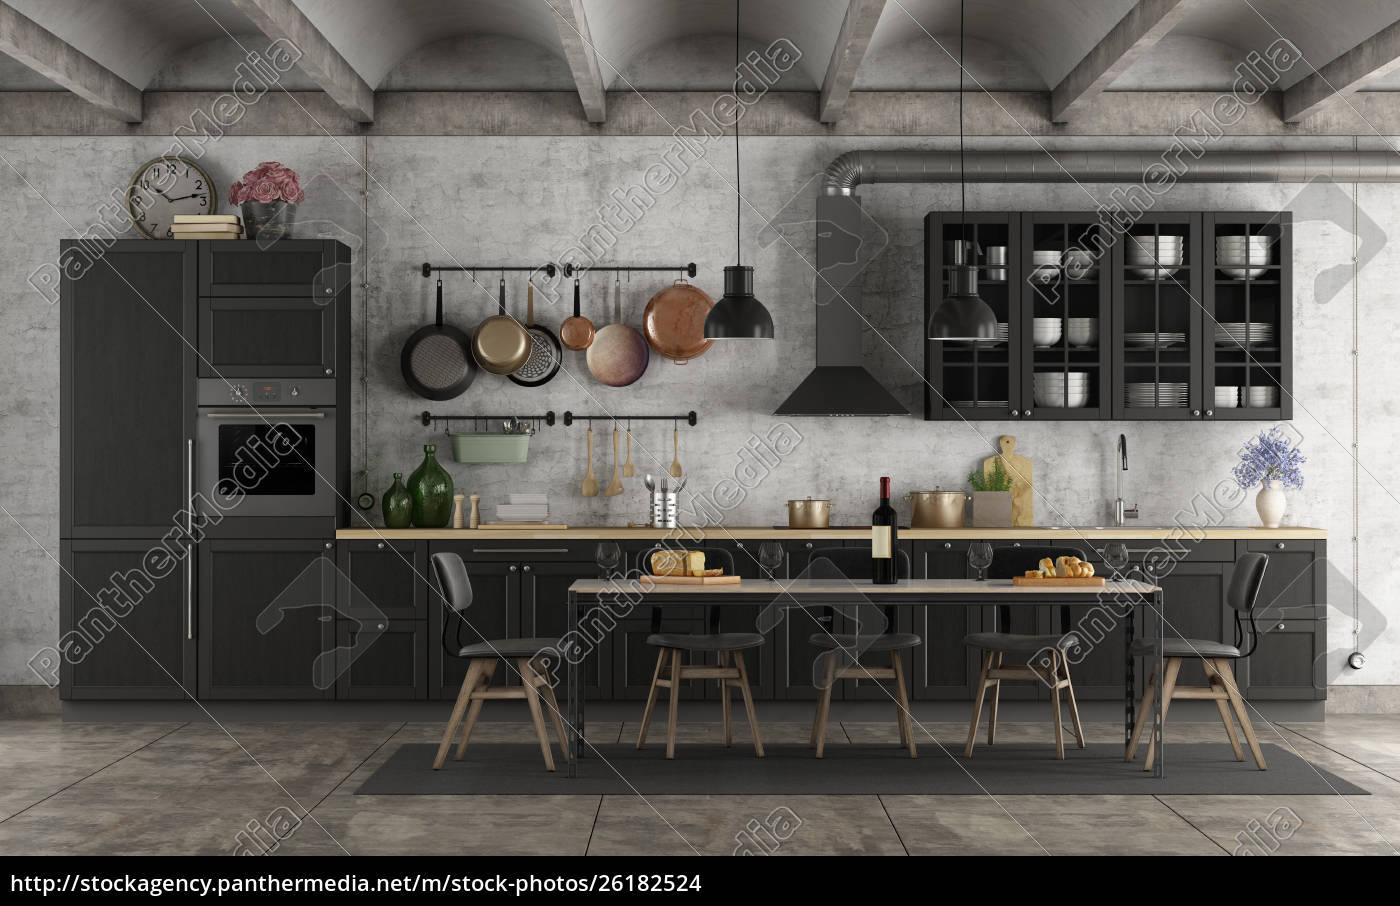 Full Size of Schwarze Küche Roller Schwarze Küche Ohne Oberschränke Schwarze Küche Dekorieren Schwarze Küche Einrichten Küche Schwarze Küche